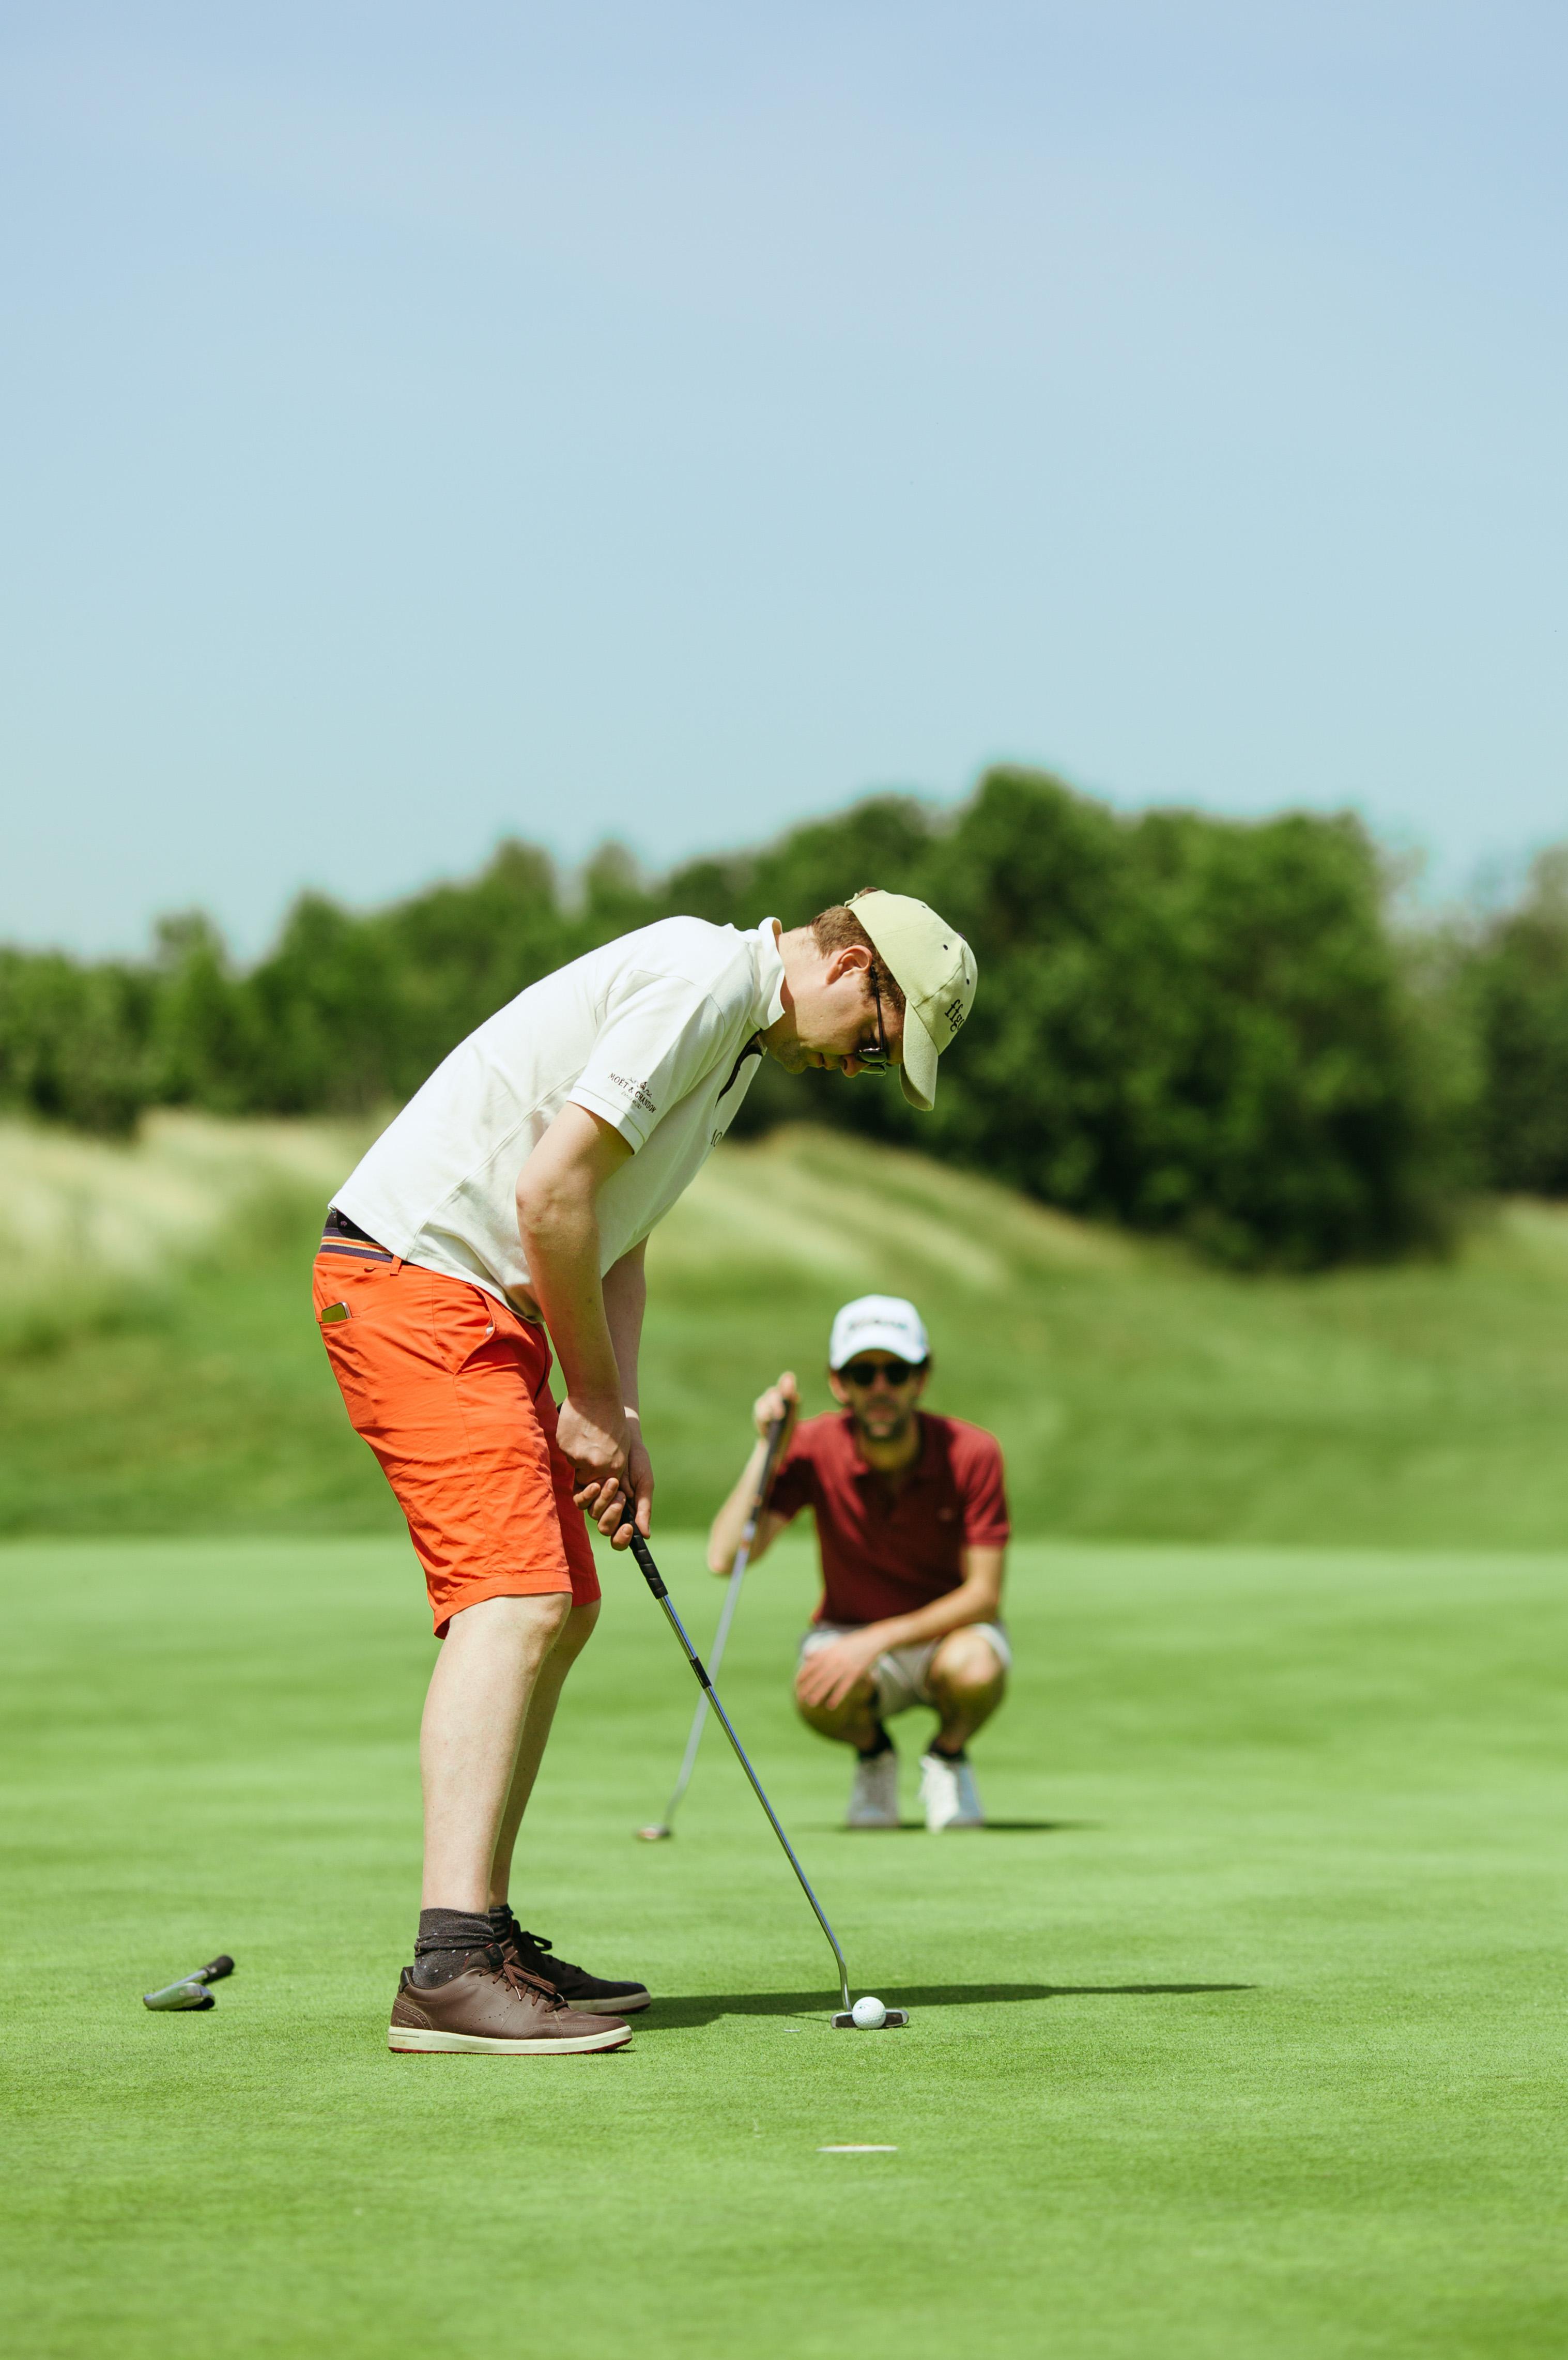 Golfeur à quelques mètres du trou ajustant son tir